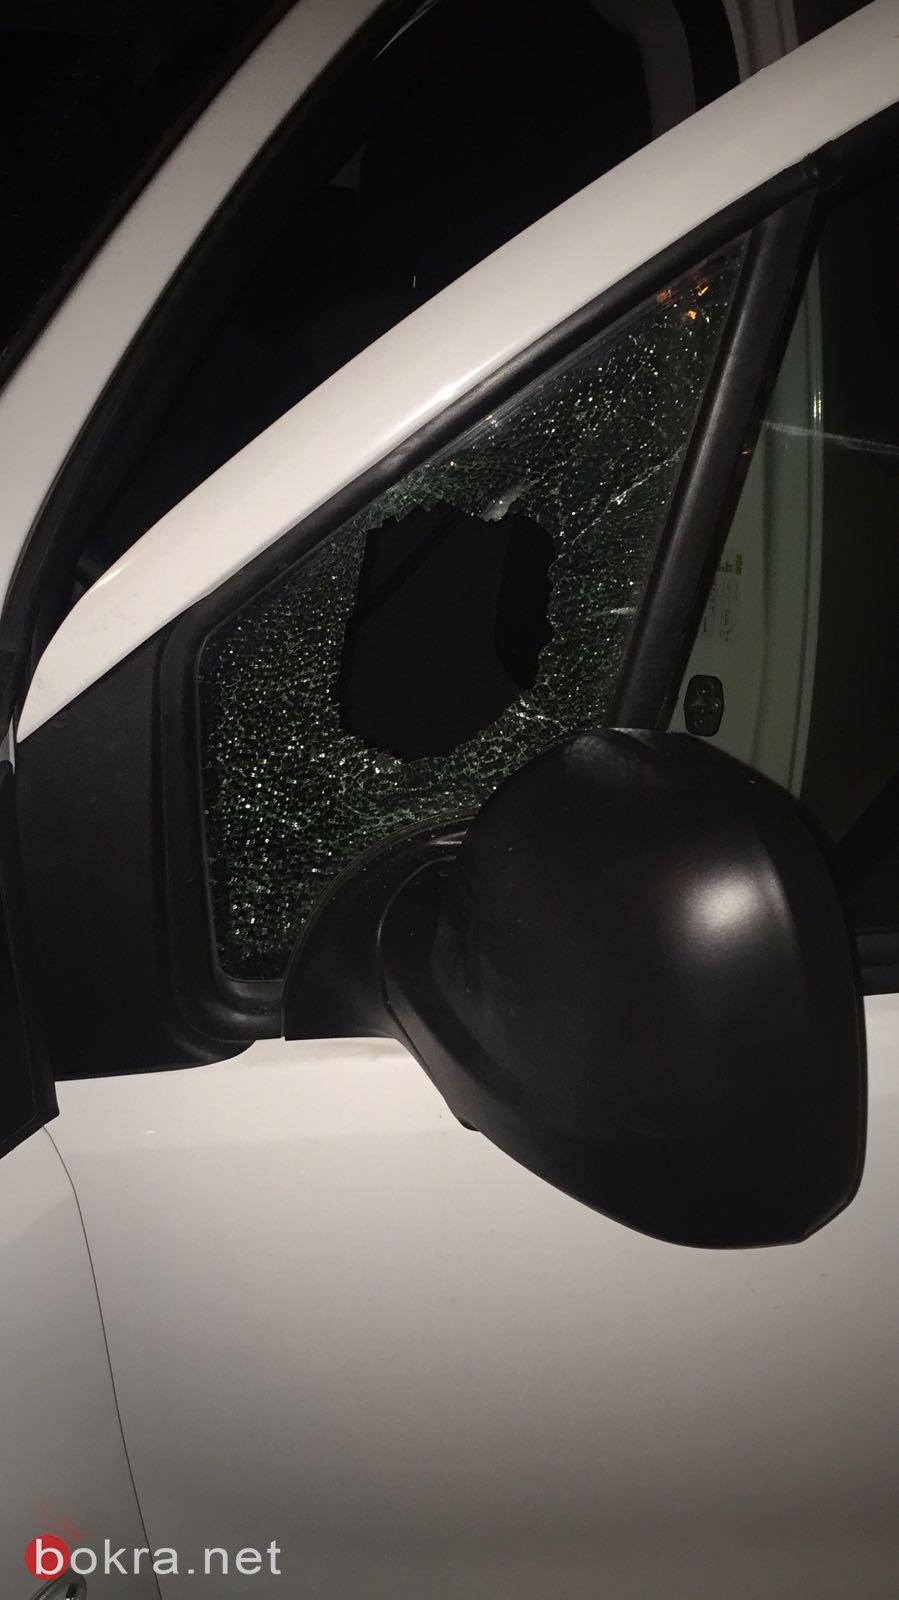 اعتقال فلسطينيين حاولا سرقة سيارة